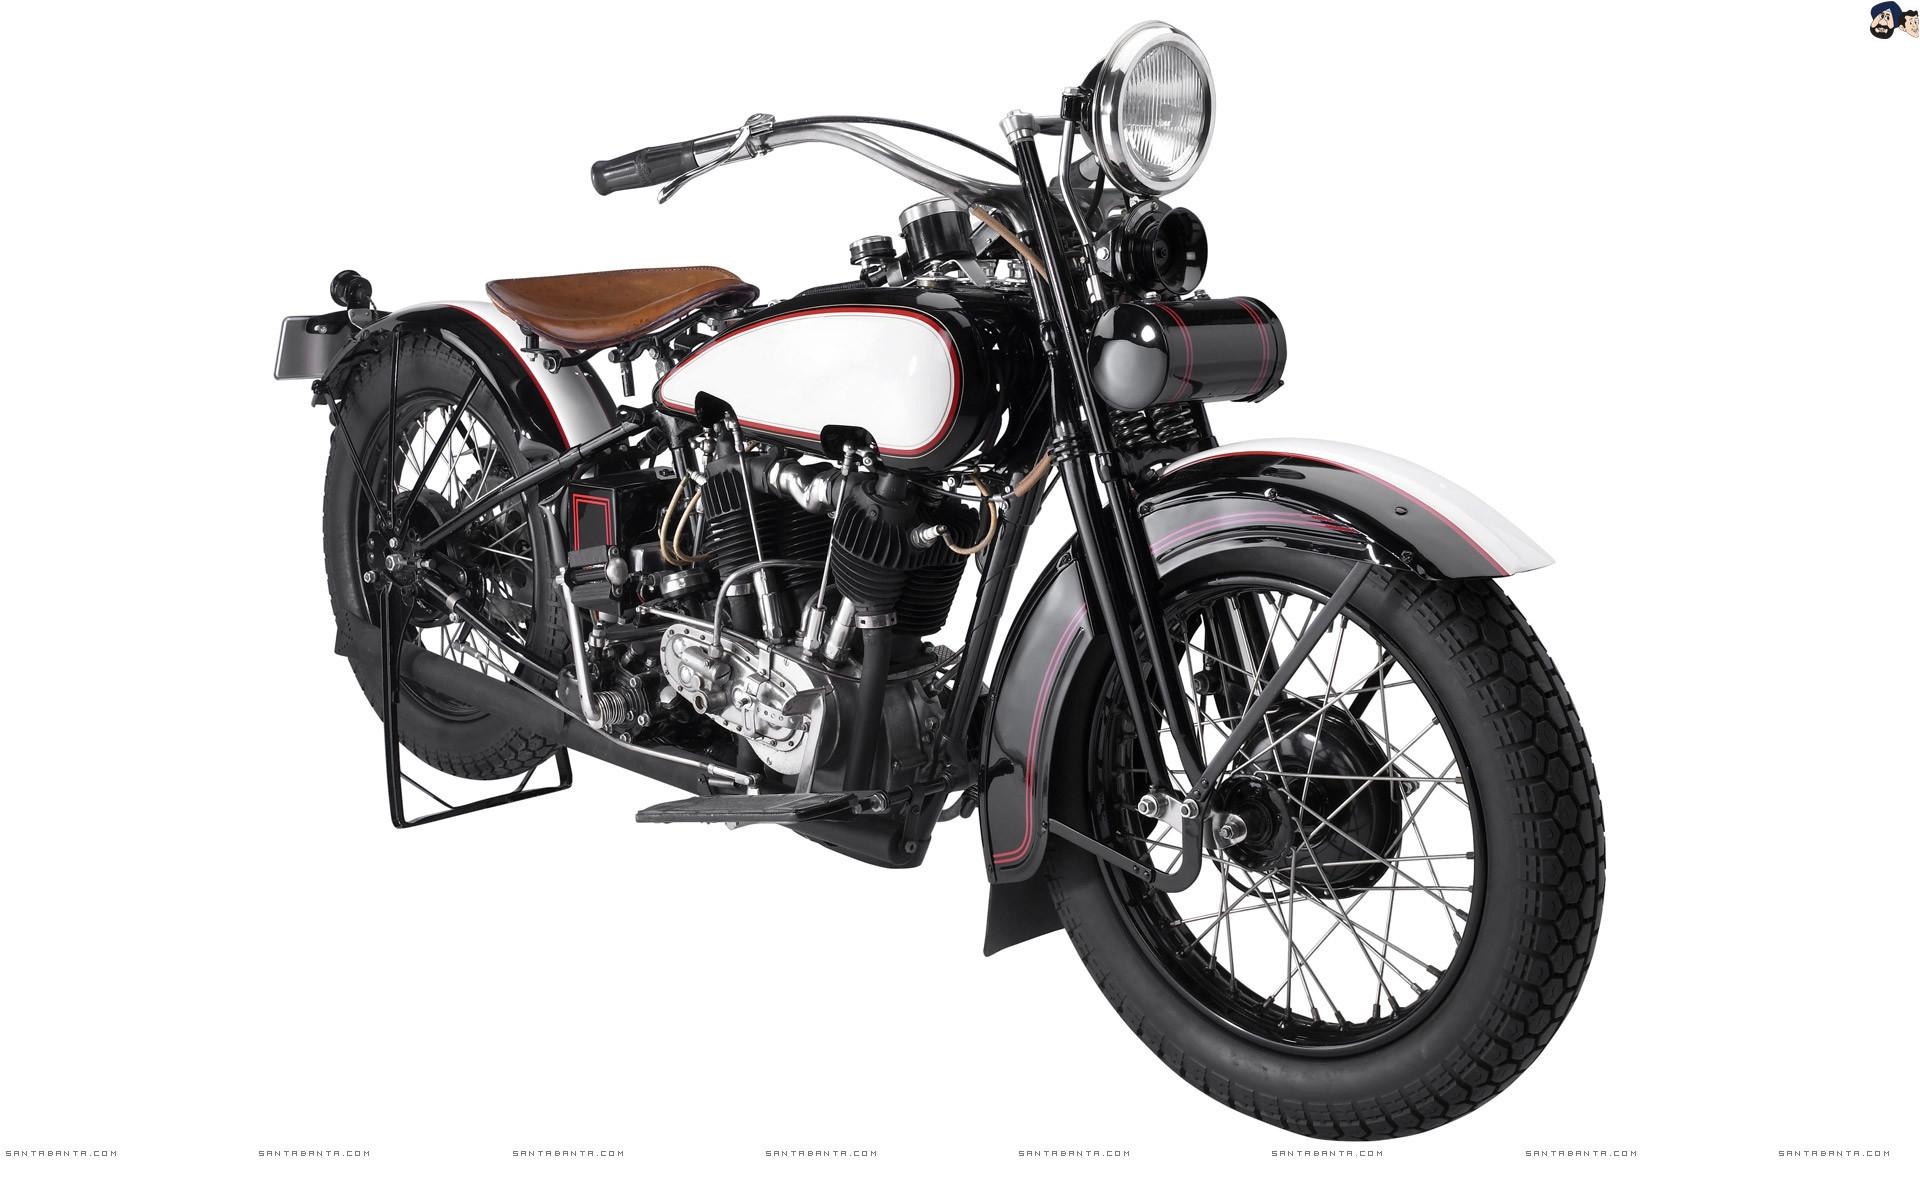 Res: 1920x1200, Fascinating Old Vintage Motorcycle.